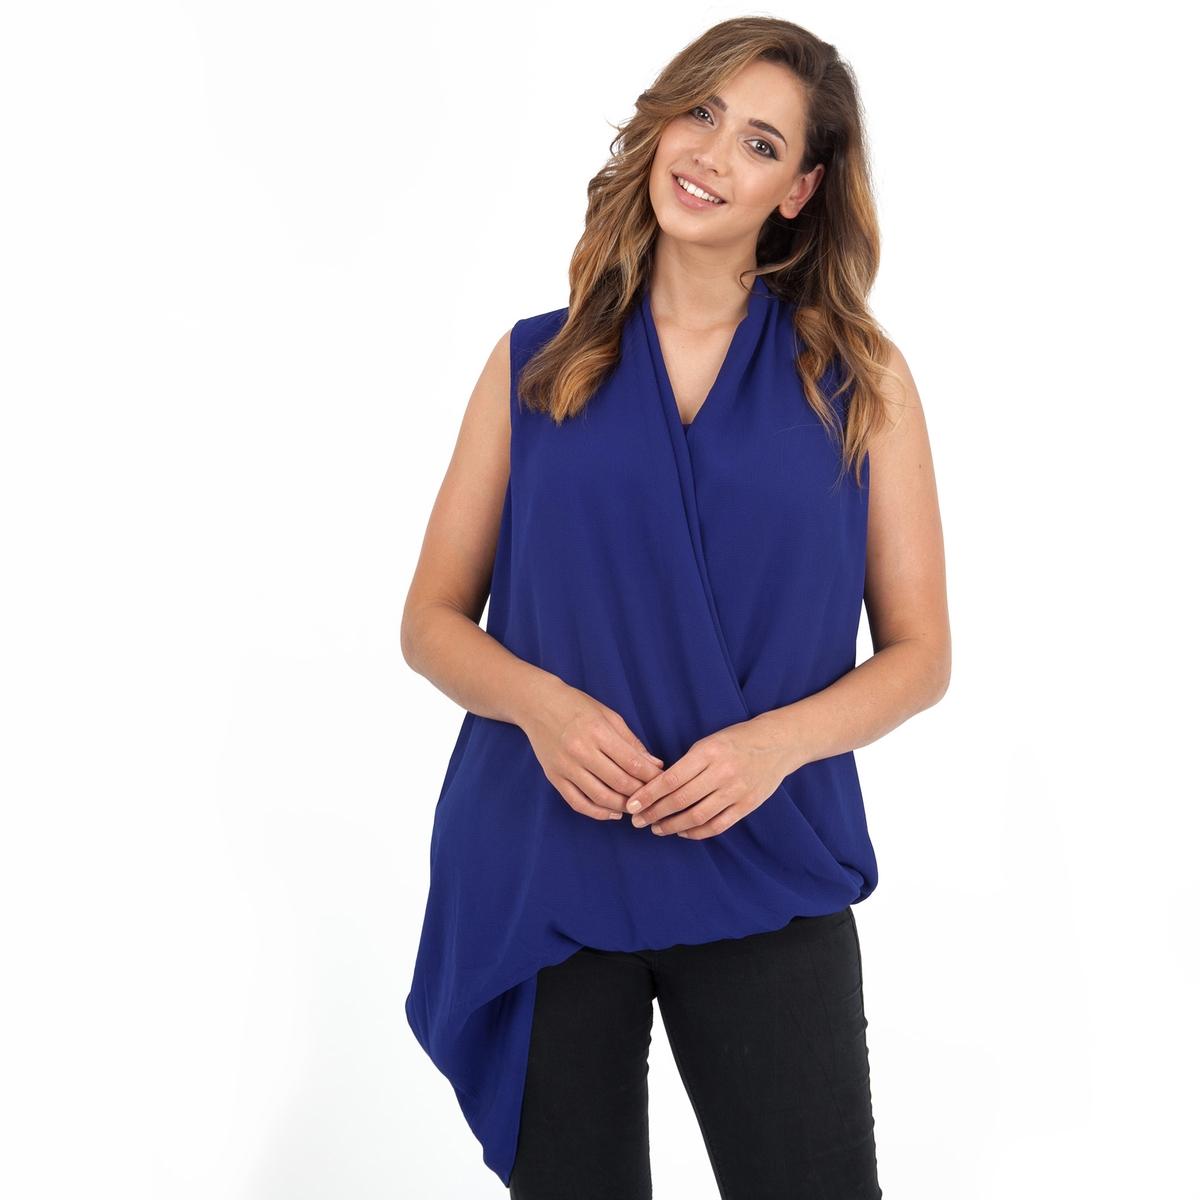 БлузкаБлузка без рукавов LOVEDROBE. Асимметричная блузка с симпатичным декольте. Легкий вырез сзади . 100% полиэстер.<br><br>Цвет: синий